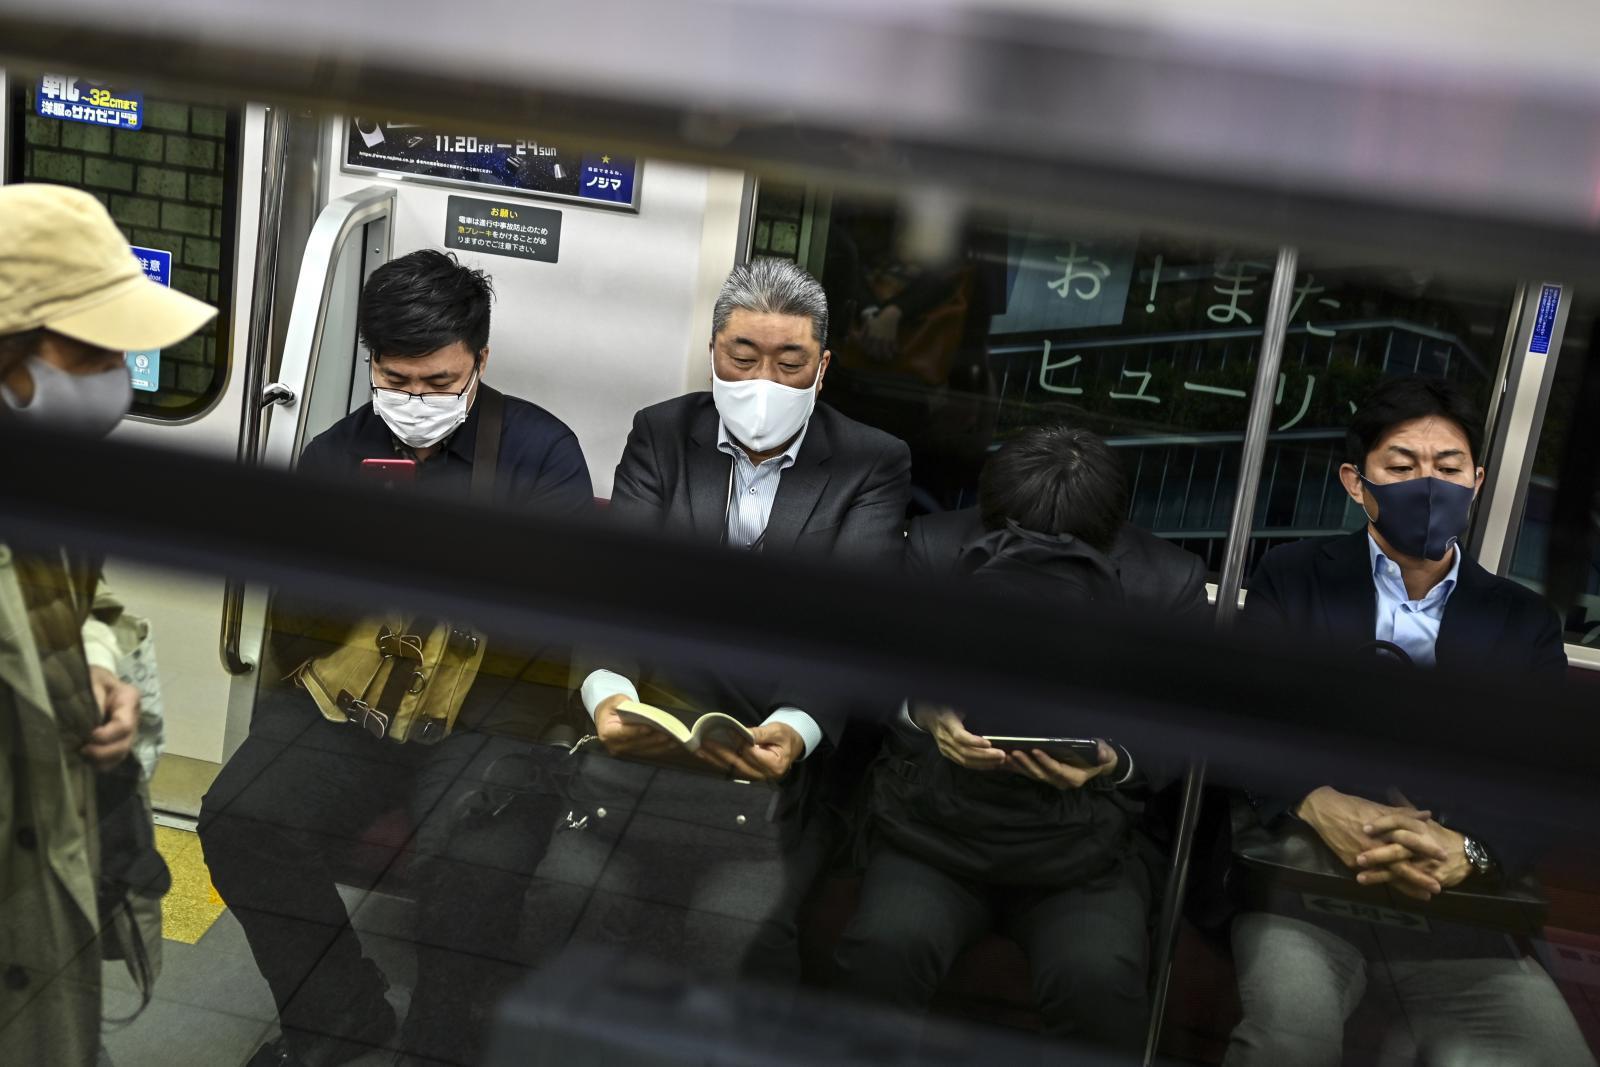 อัปเดตโควิด-19 ทั่วโลกยังน่าห่วง ญี่ปุ่นกำลังเจอระลอก 3